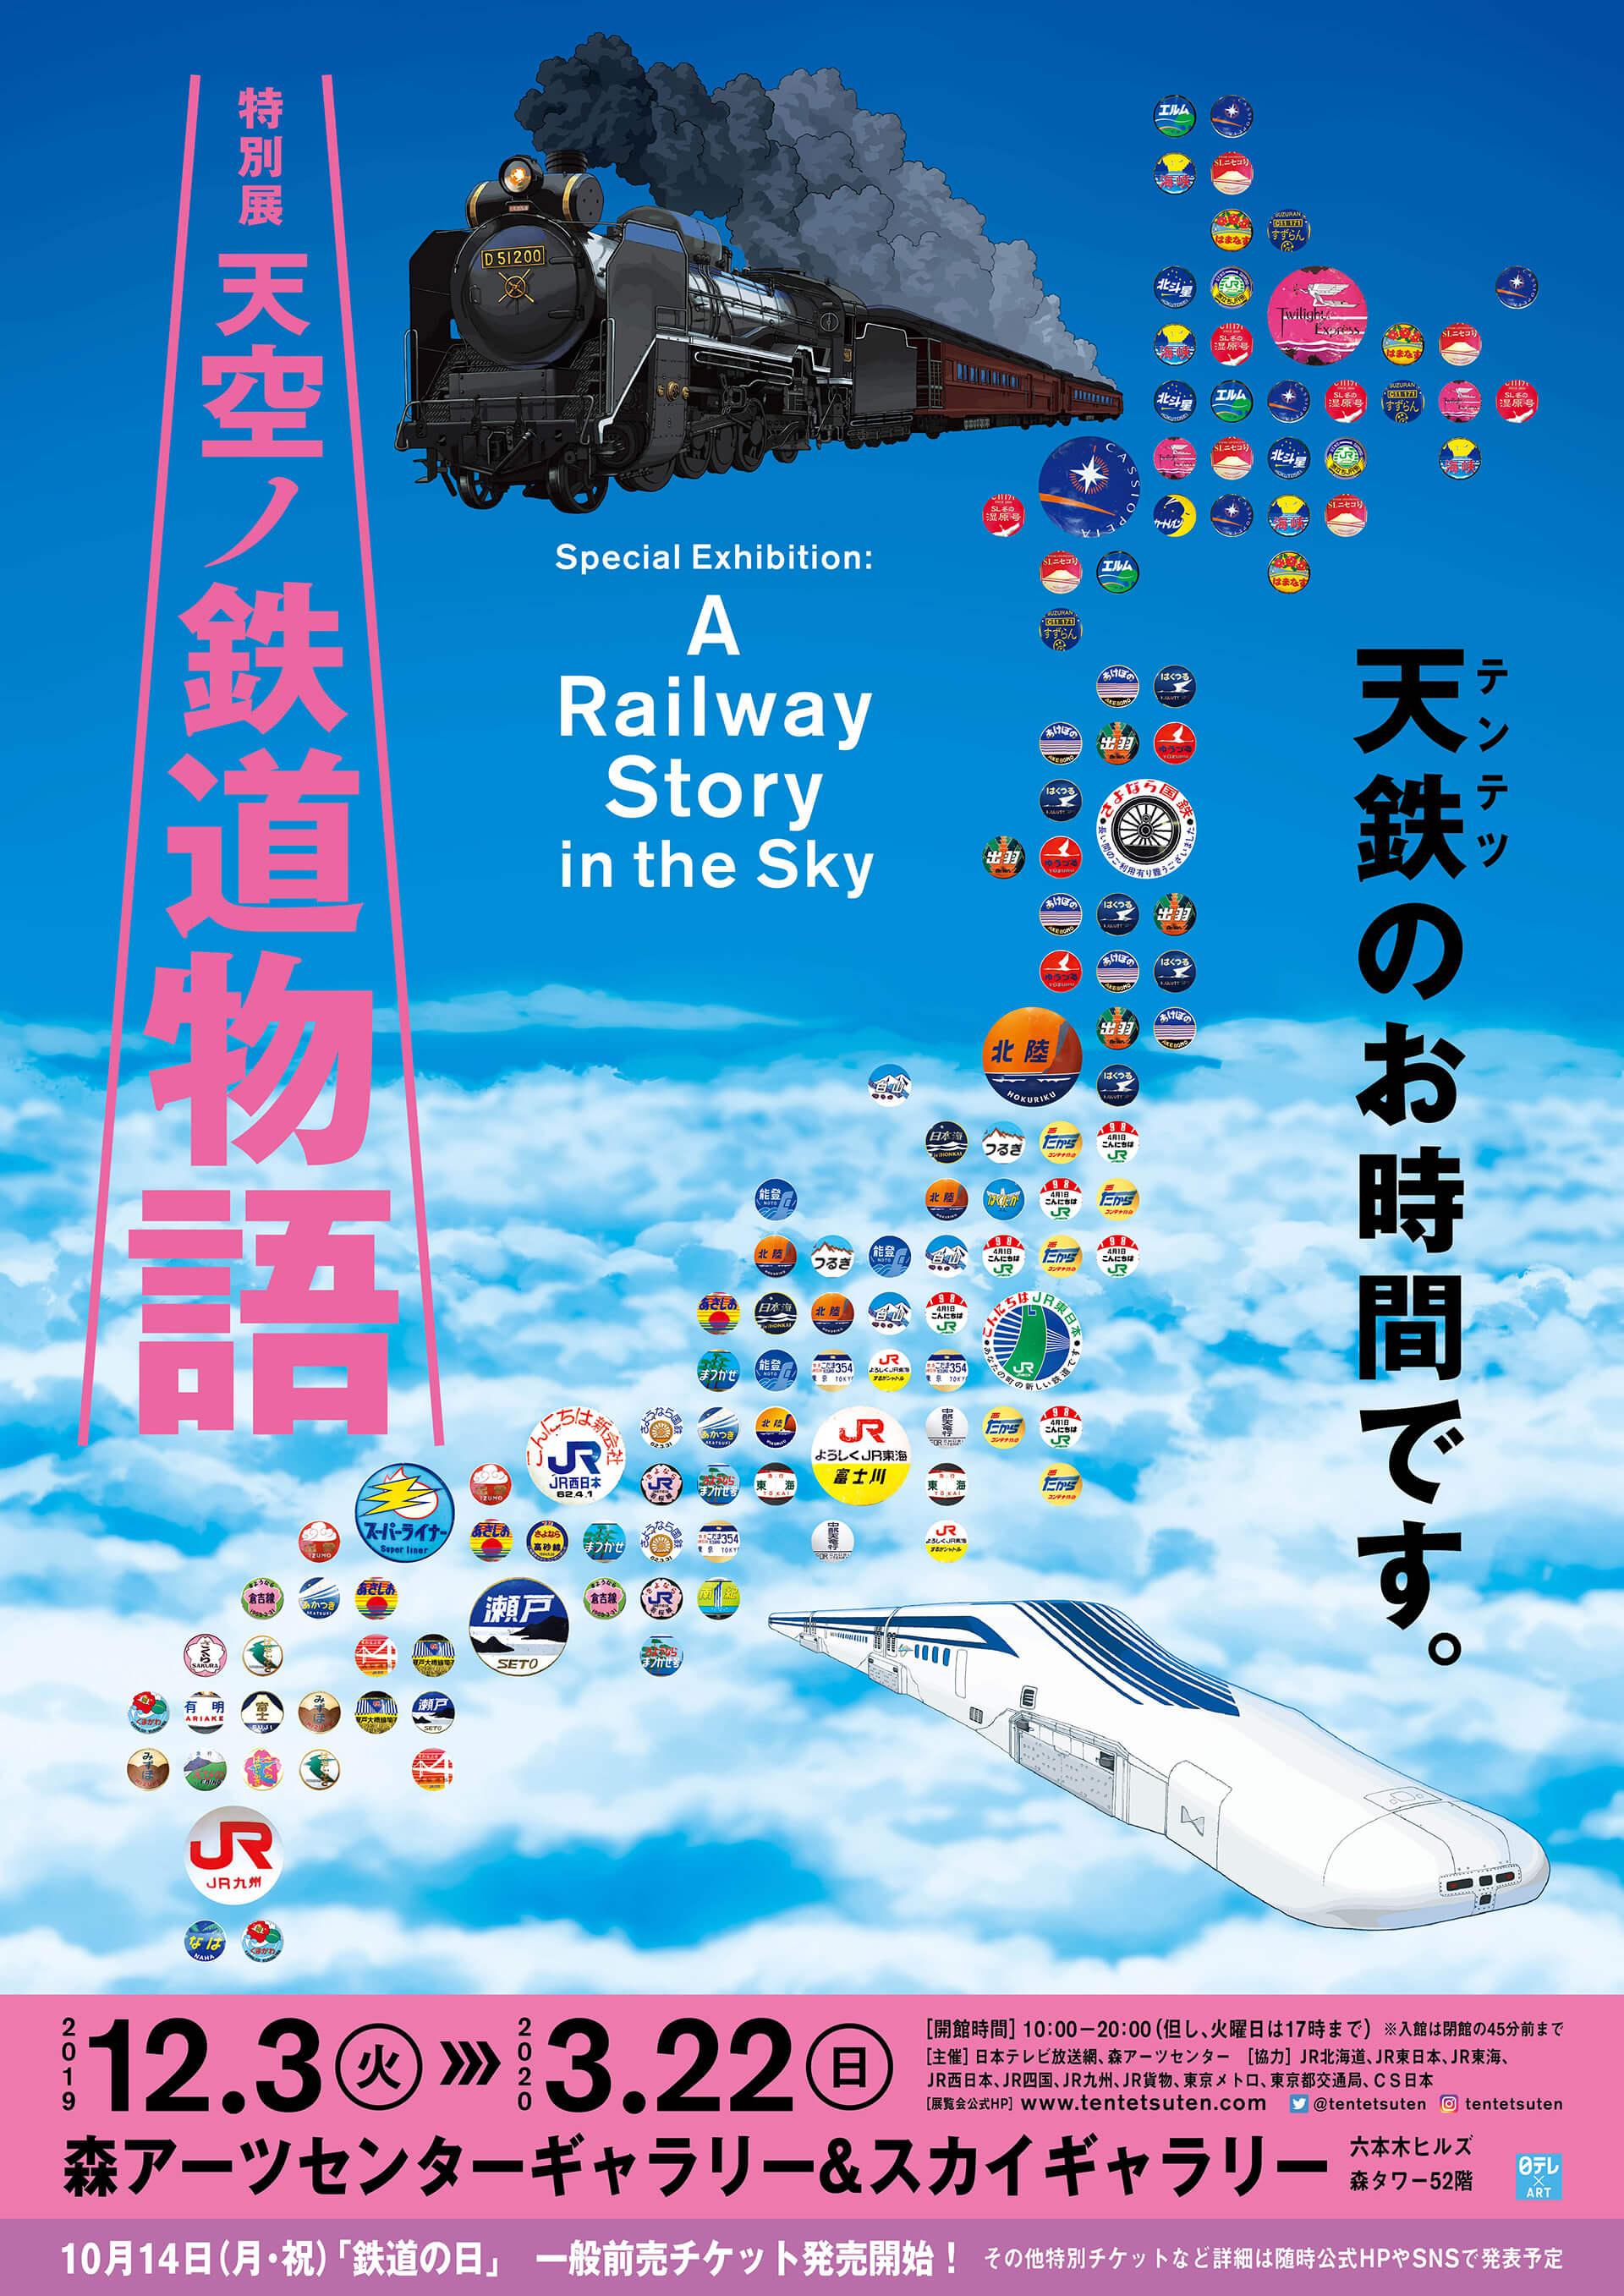 特別展 天空ノ鉄道物語ポスター